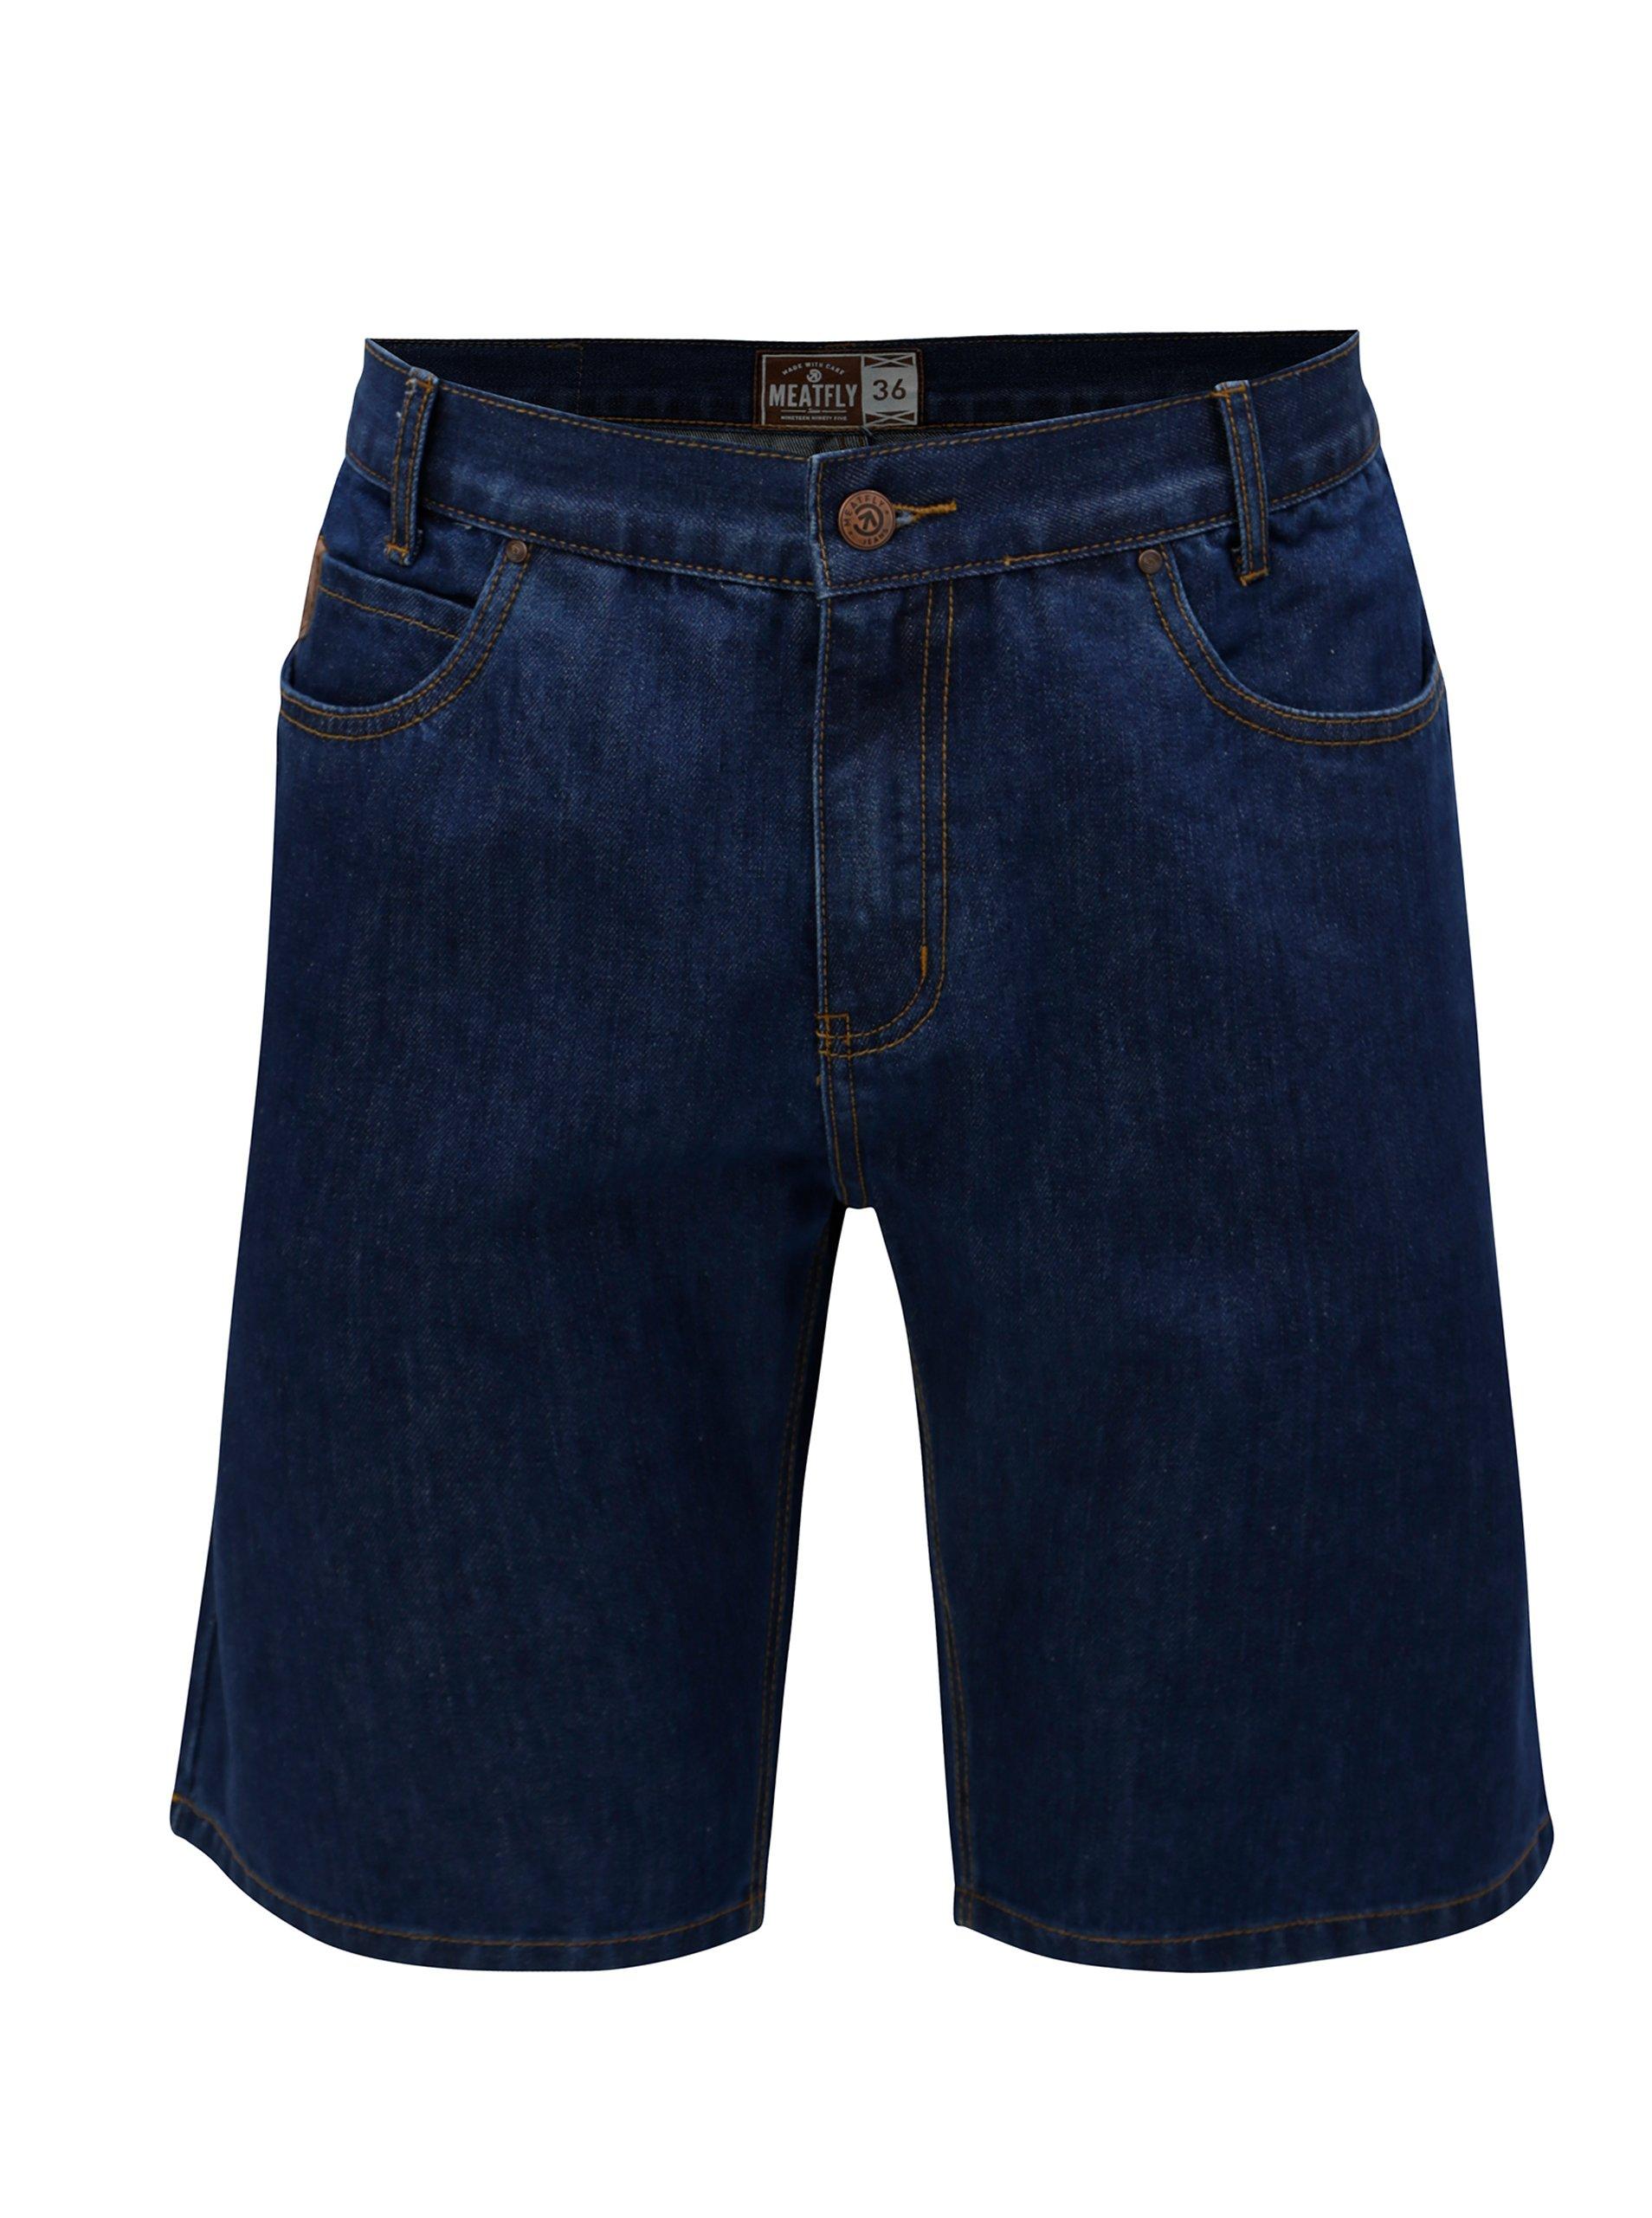 Modré pánské džínové kraťasy MEATFLY Just 49ccc7623c